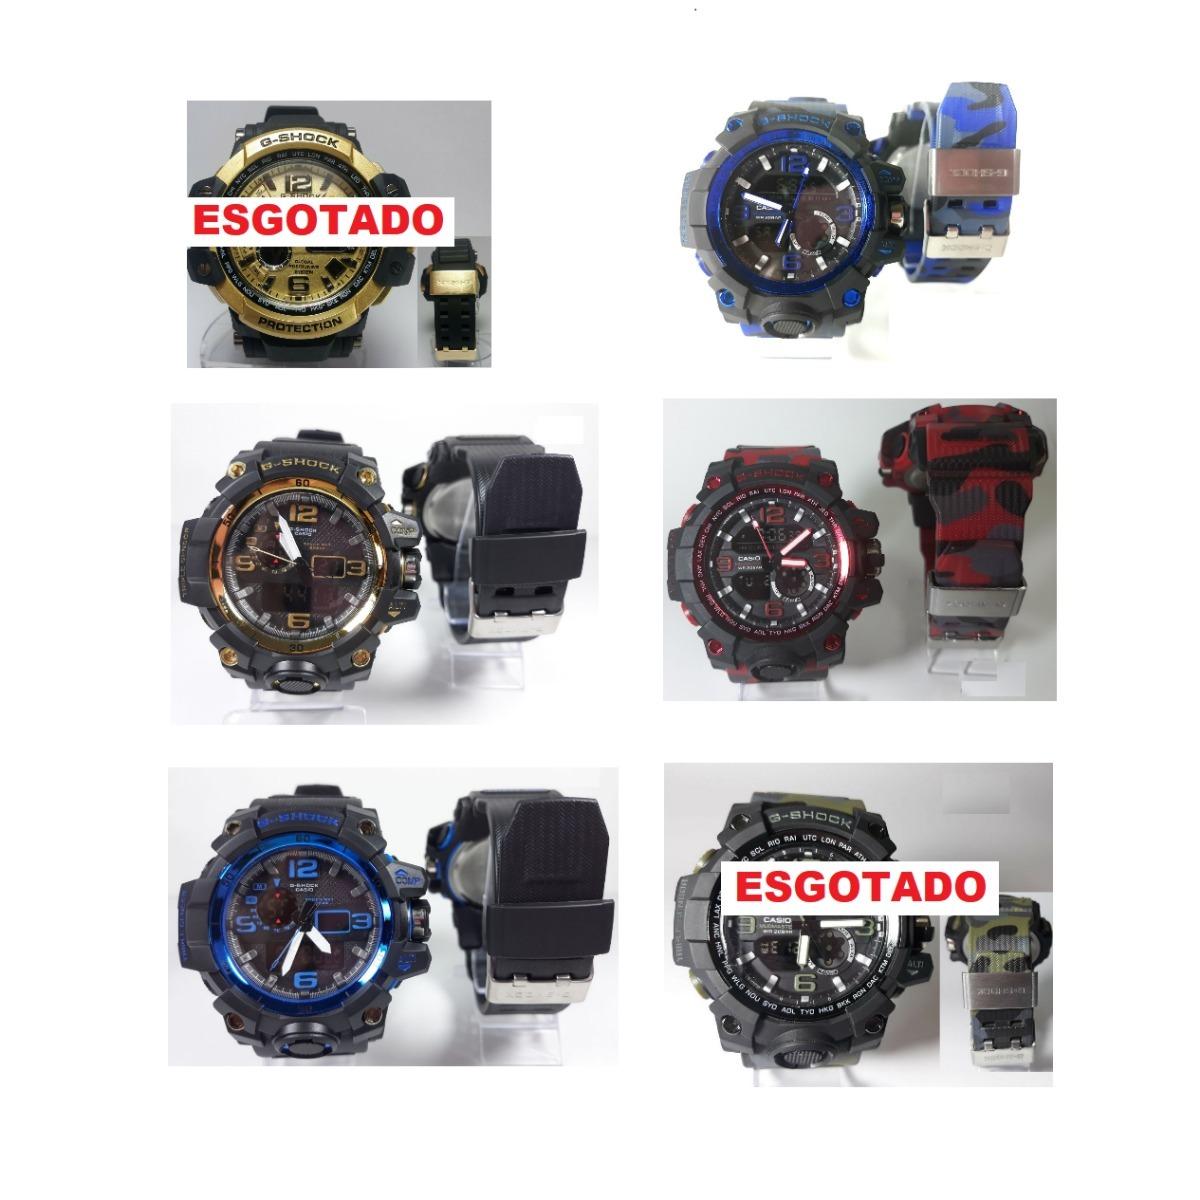 960641b564f 2 relógio g-shock primeira linha com caixinha frete gratis. Carregando zoom.